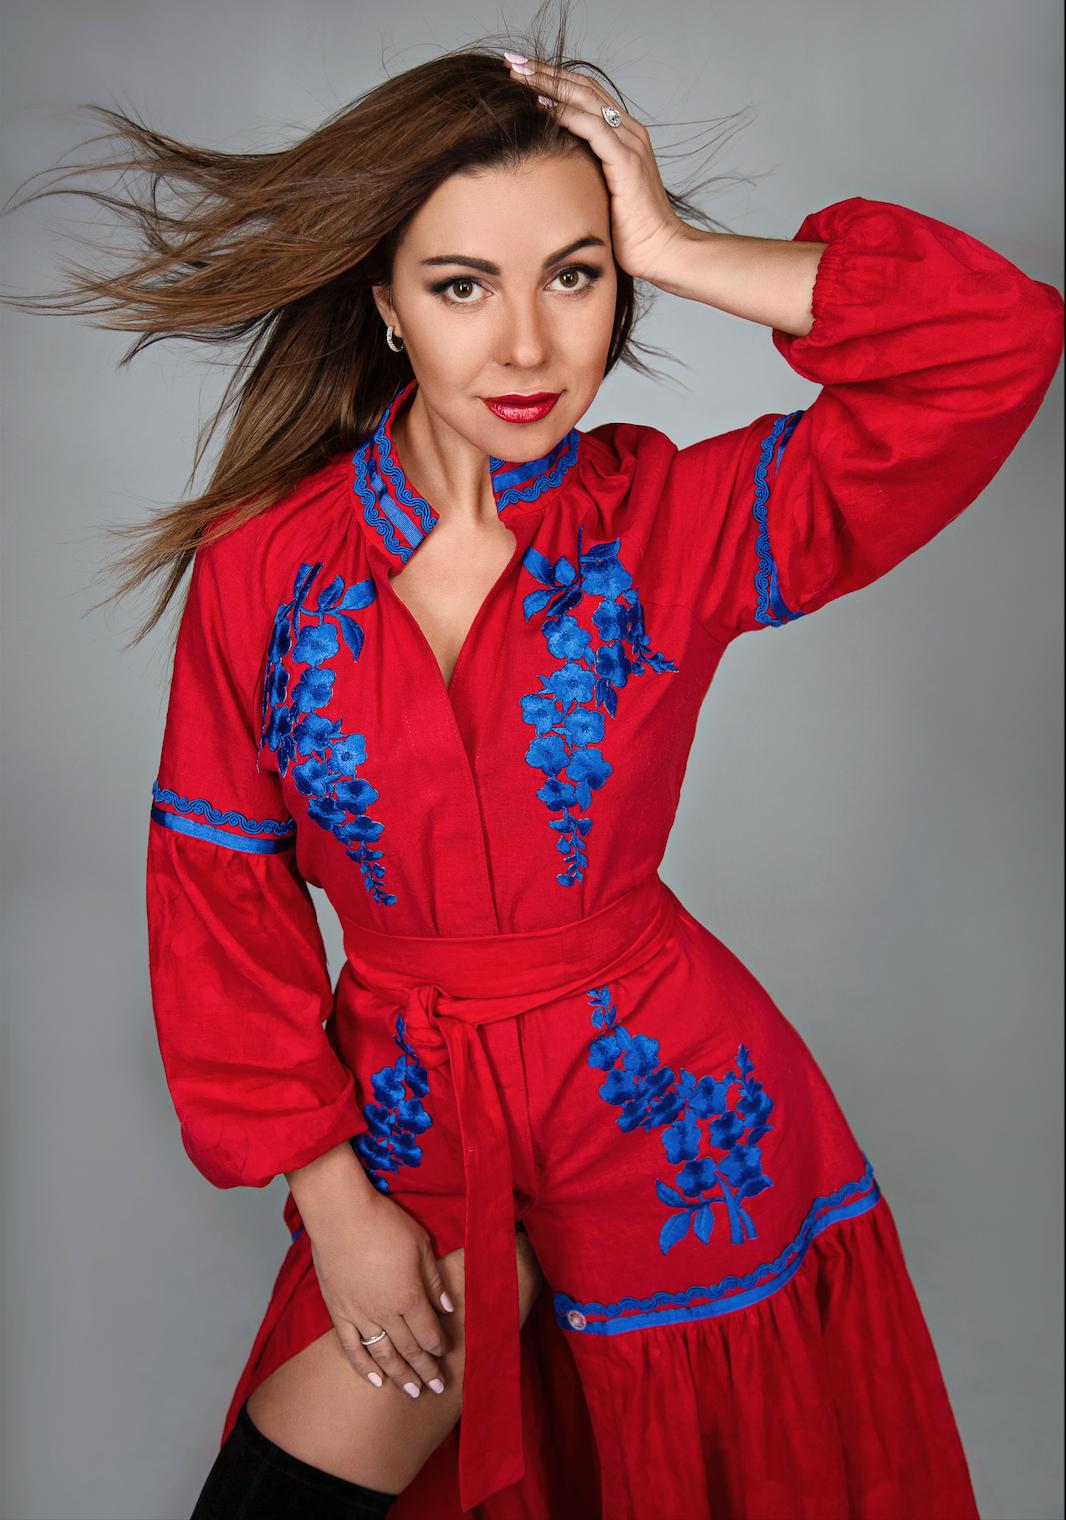 Katerina Szitkova Nude Photos 77